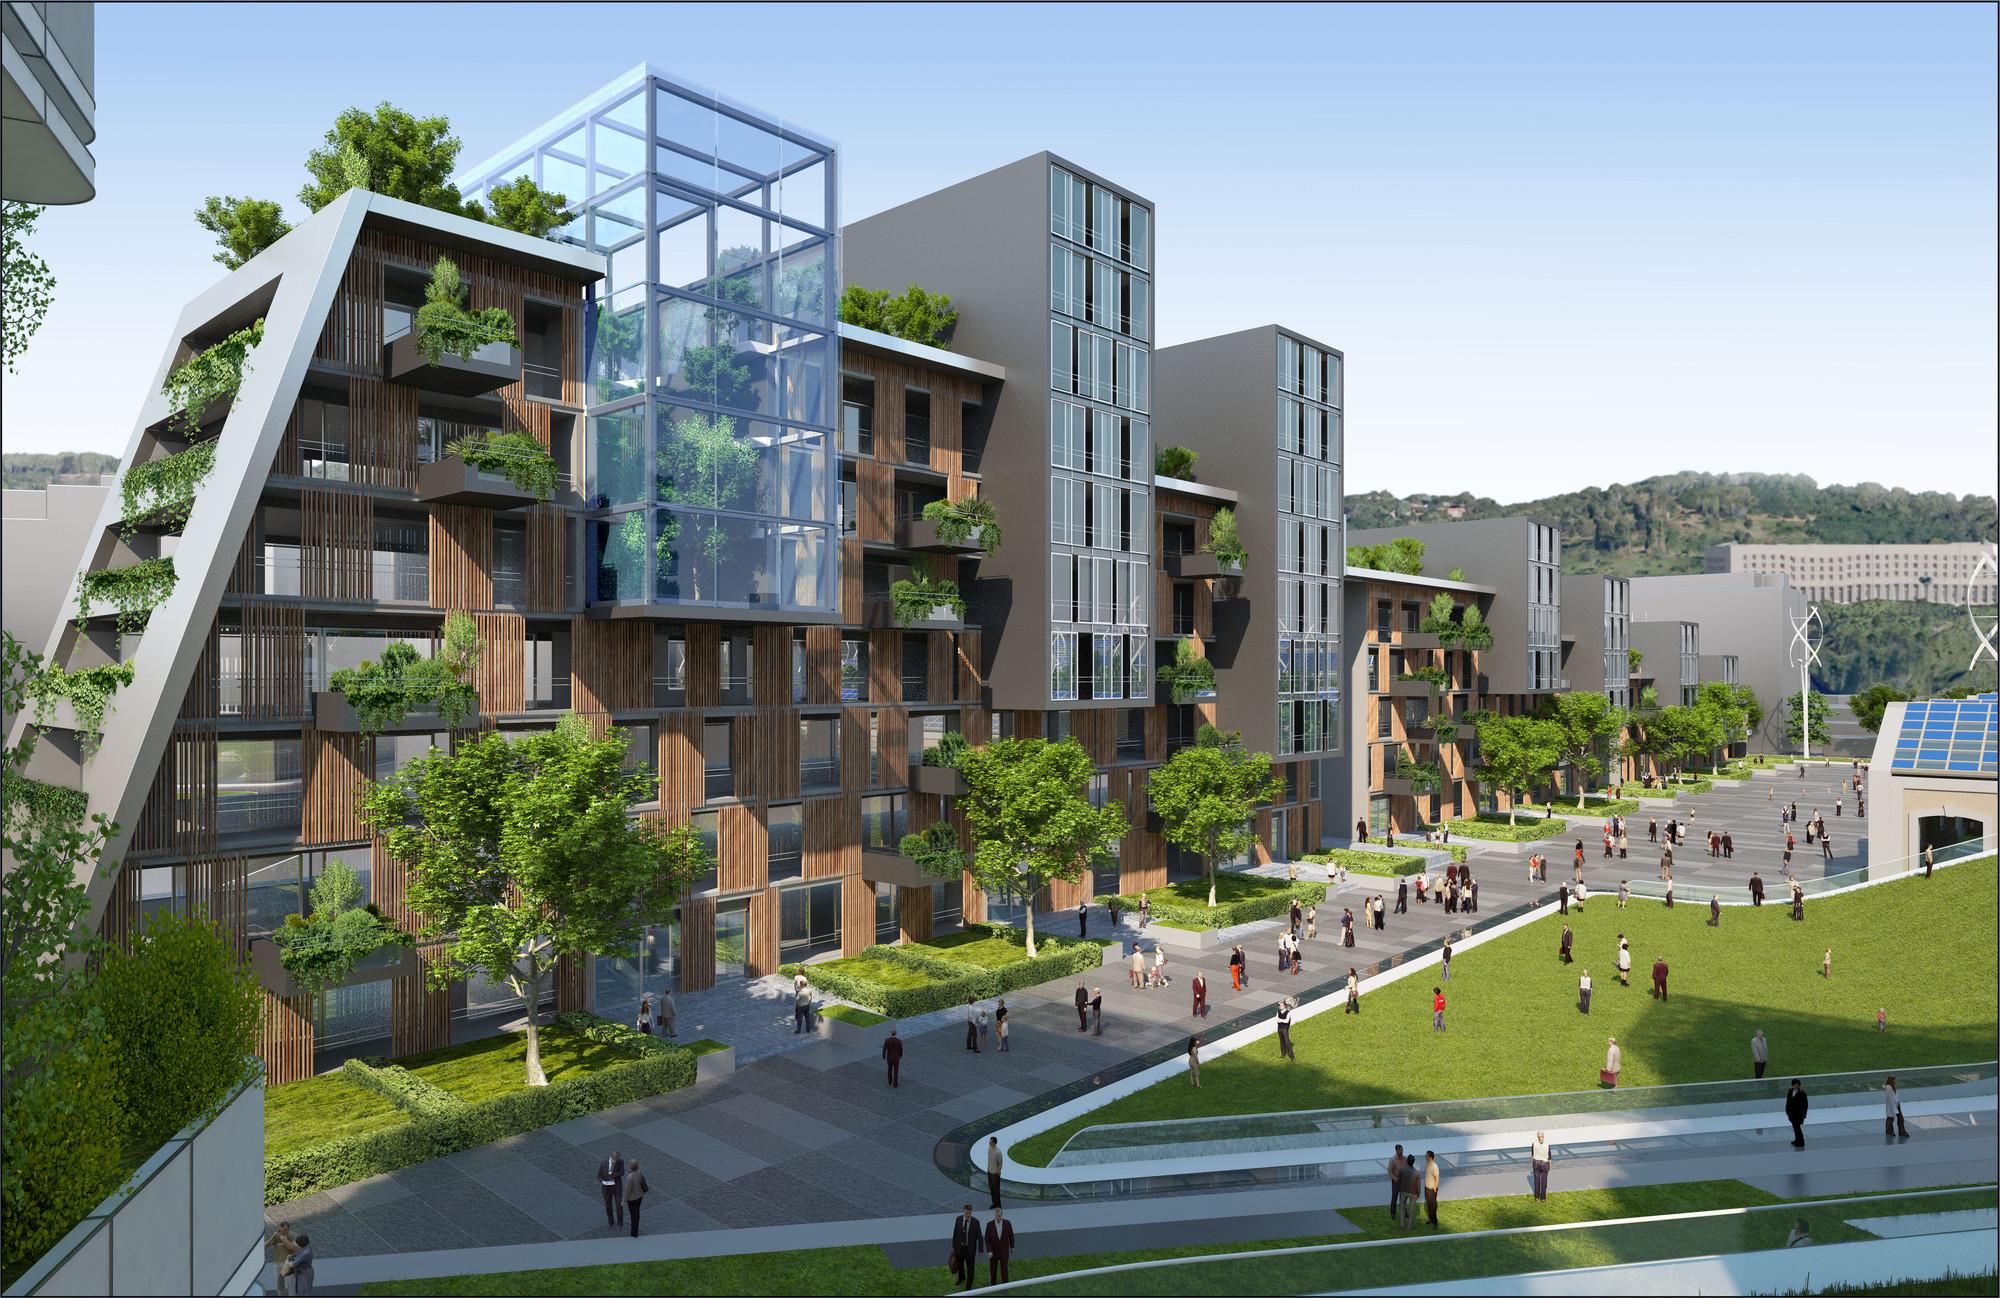 Citt della scienza masterplan predicts future of self for Atlanta residential architects